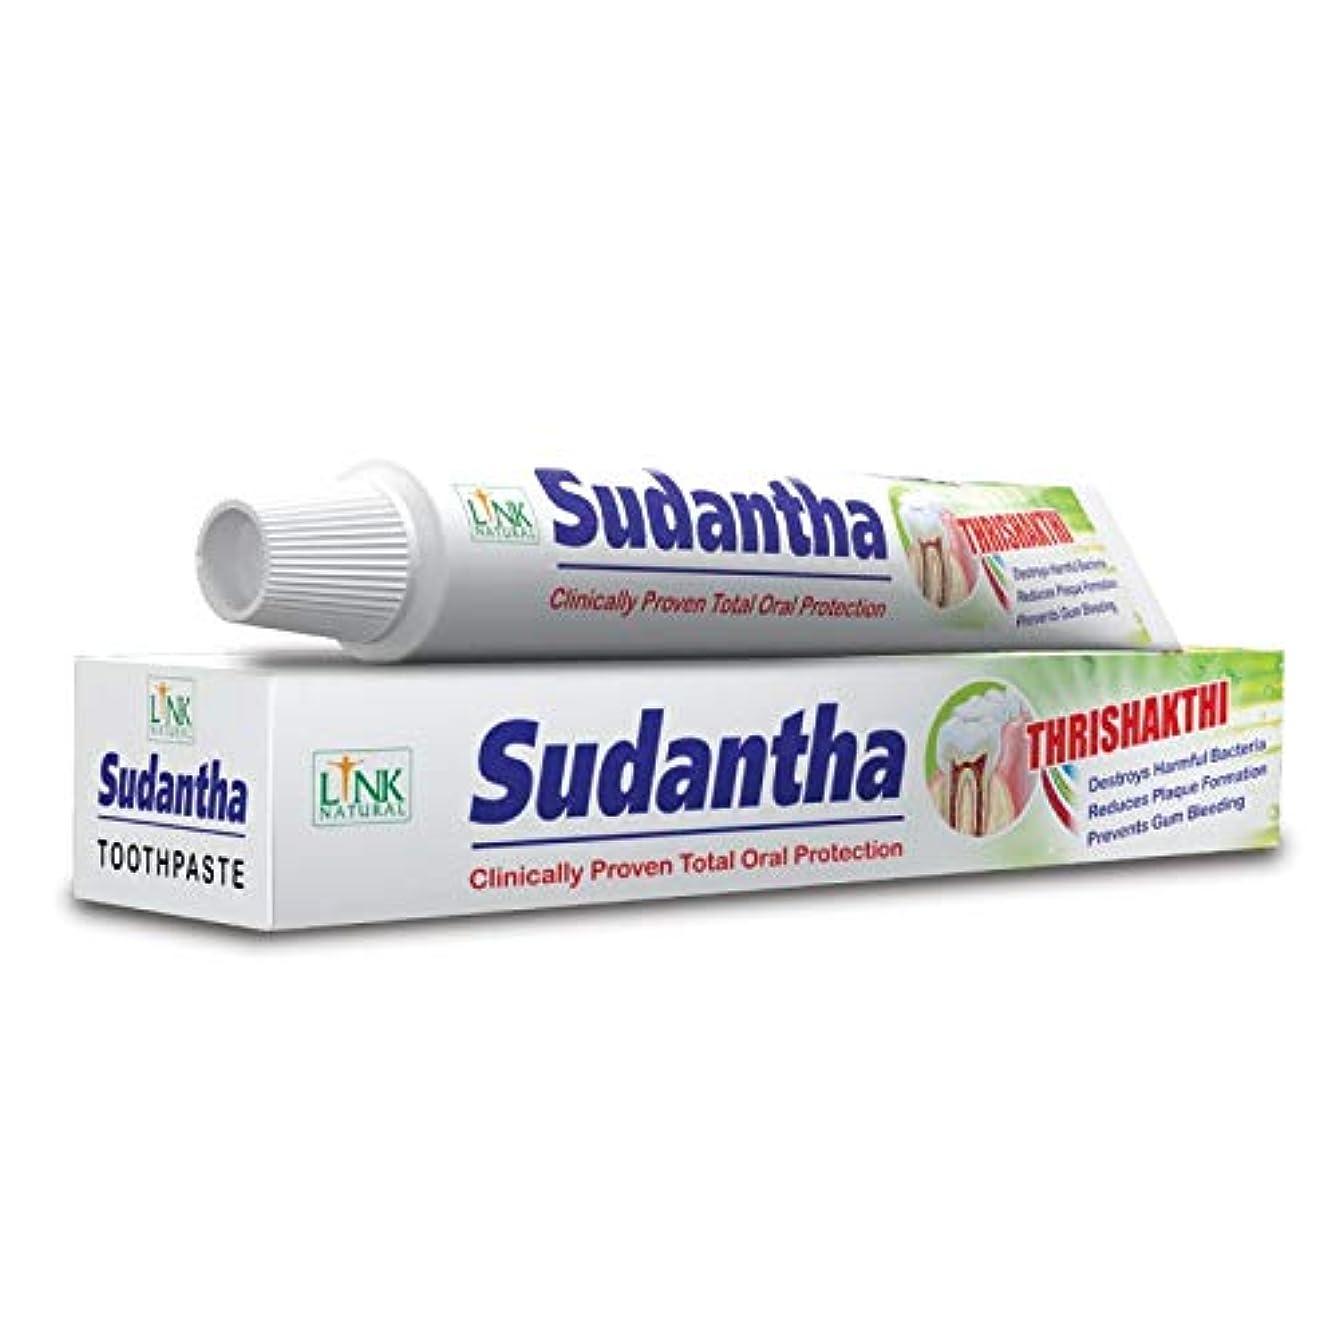 送金債務者メーカー2 x 80 g リンクSudanthaホメオパシーHerbal Toothpaste for合計Oral保護